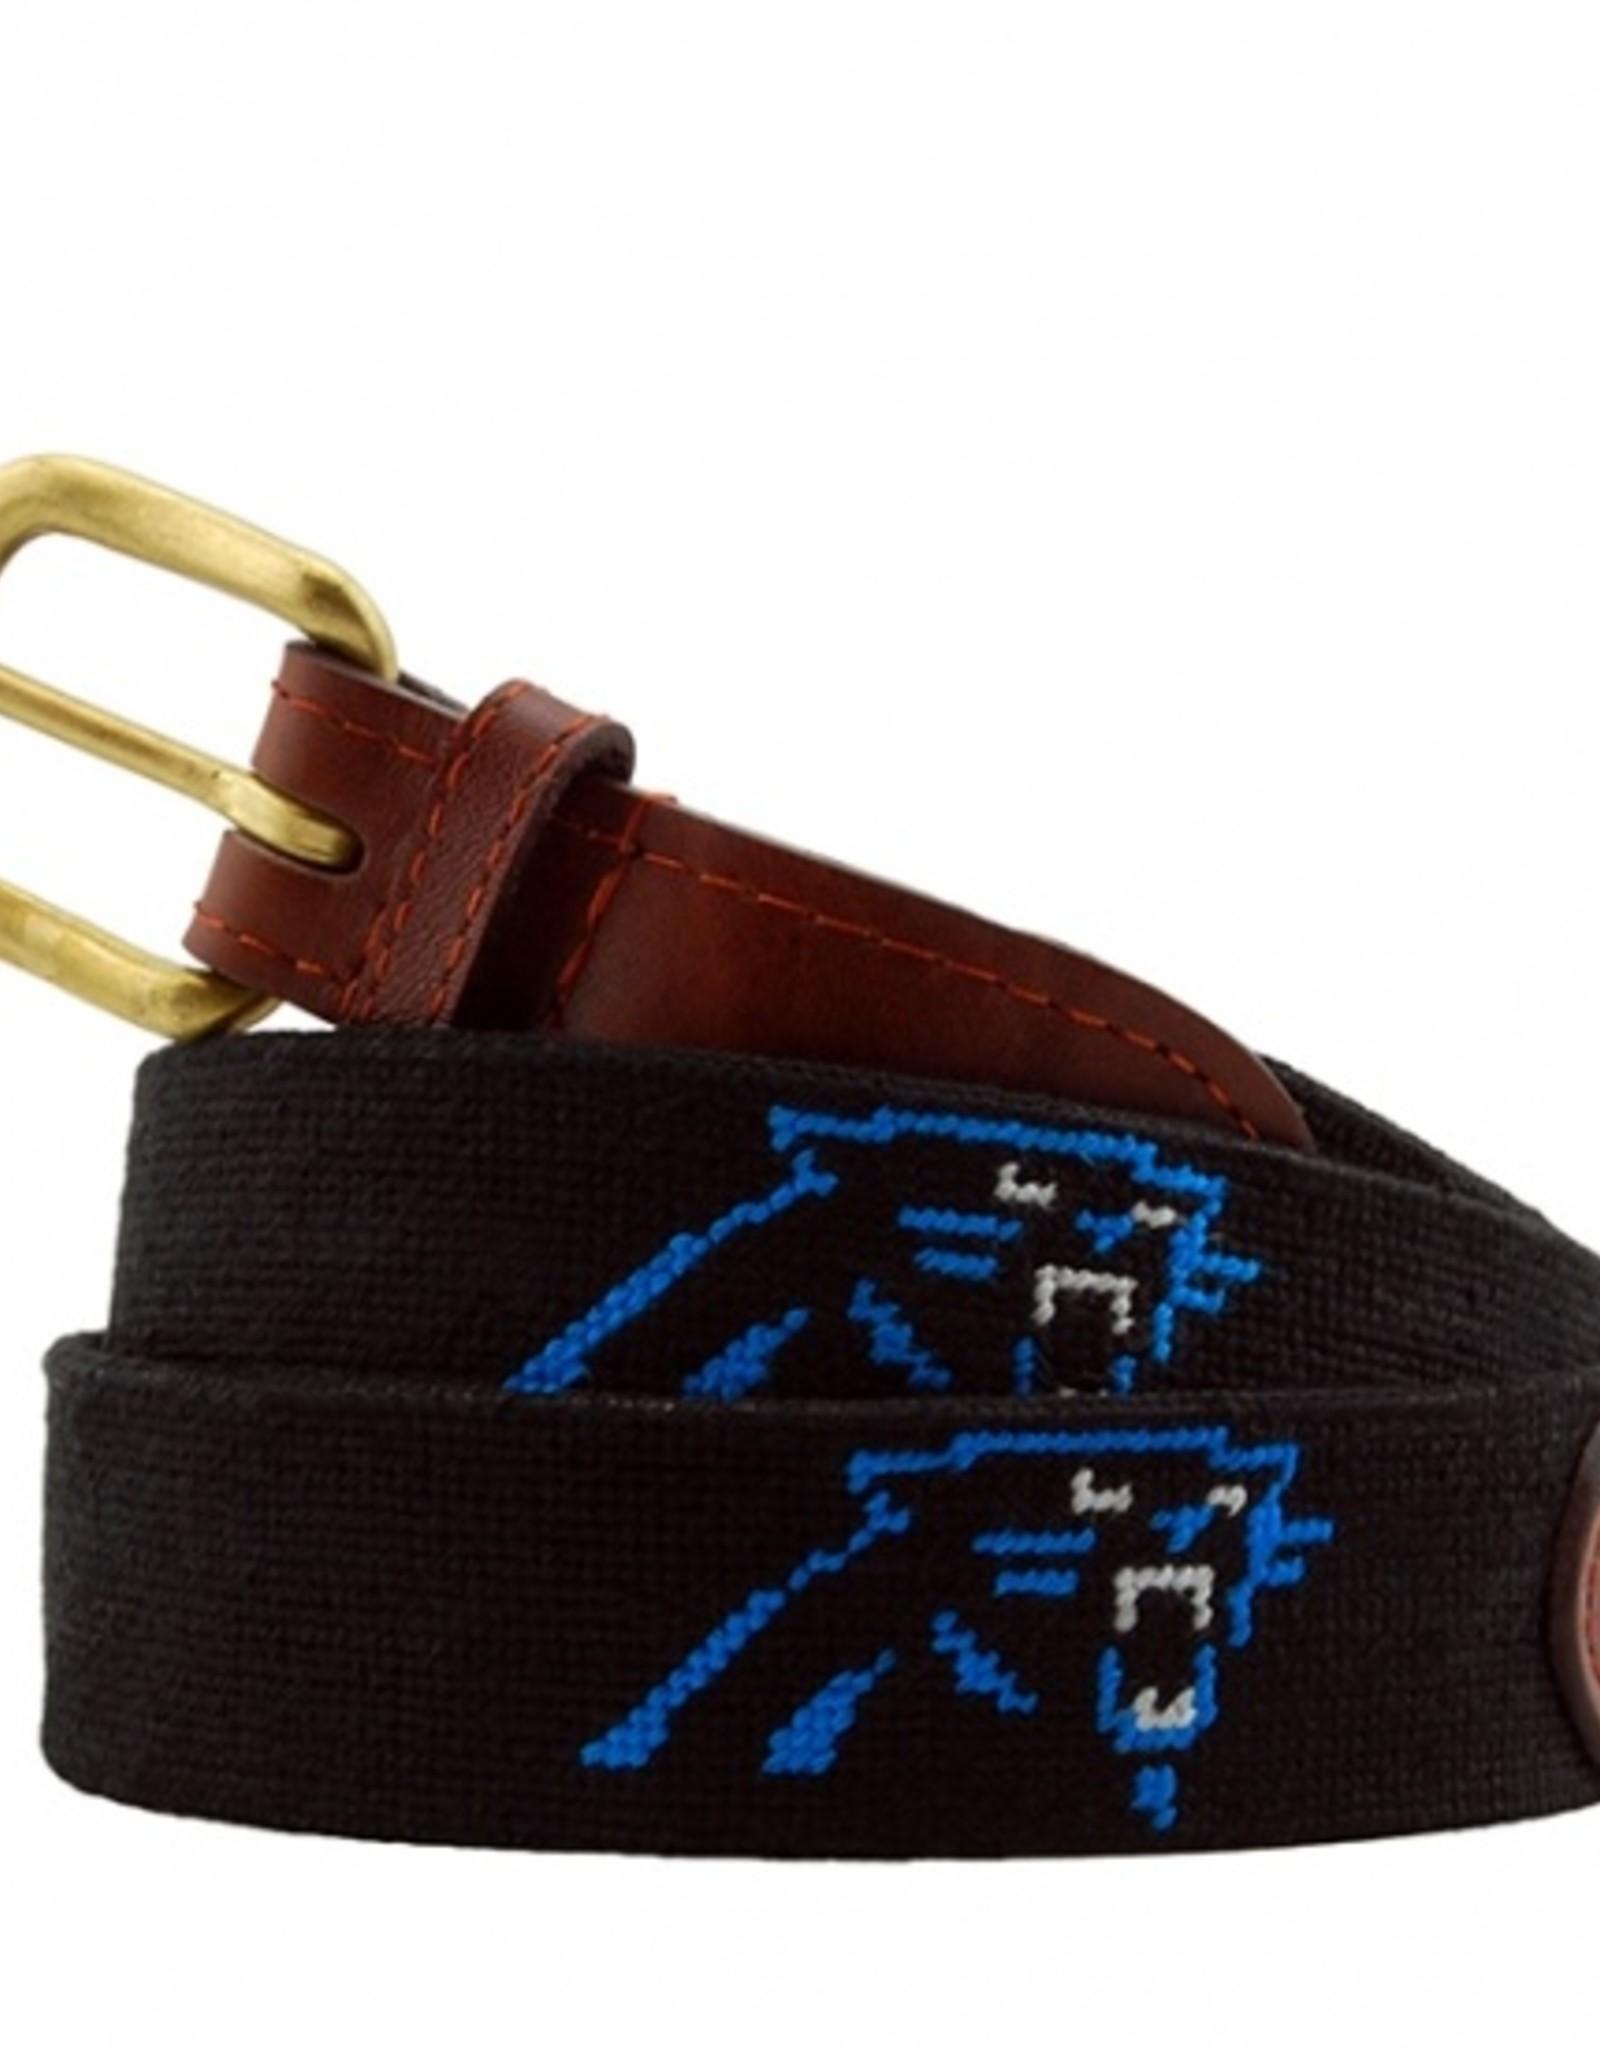 """Smathers and Branson  """"Carolina Panthers"""" Needlepoint Belt"""